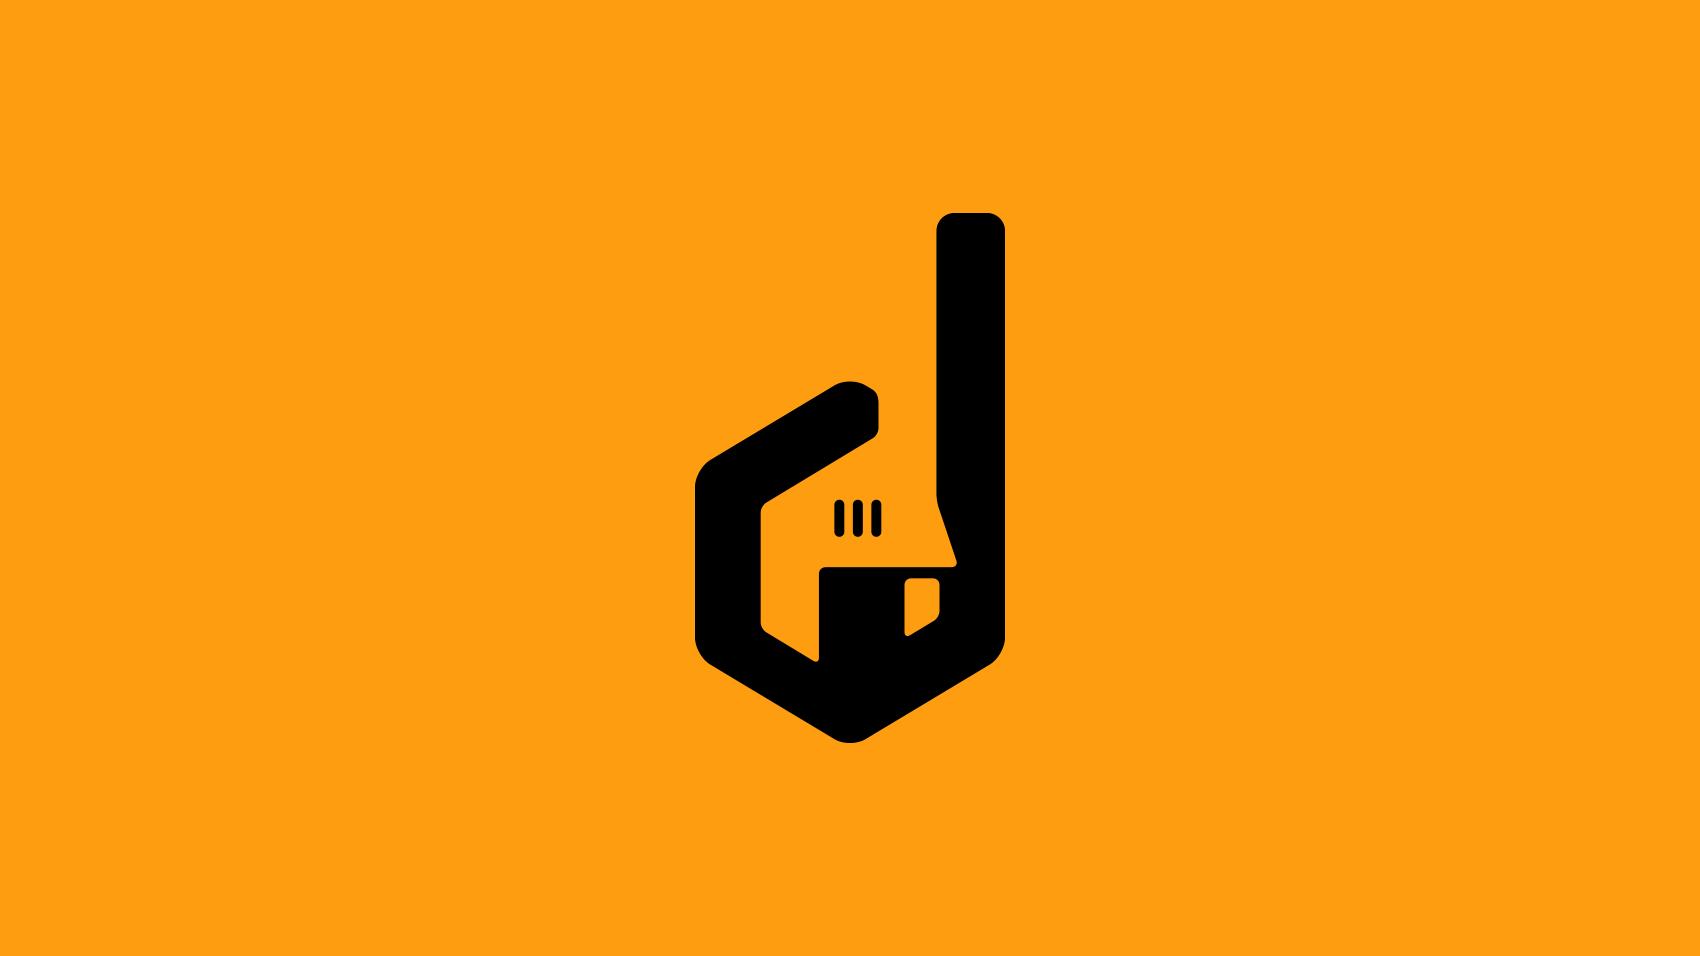 歴史とユーモアのある工具商社を伝えるロゴマークデザイン